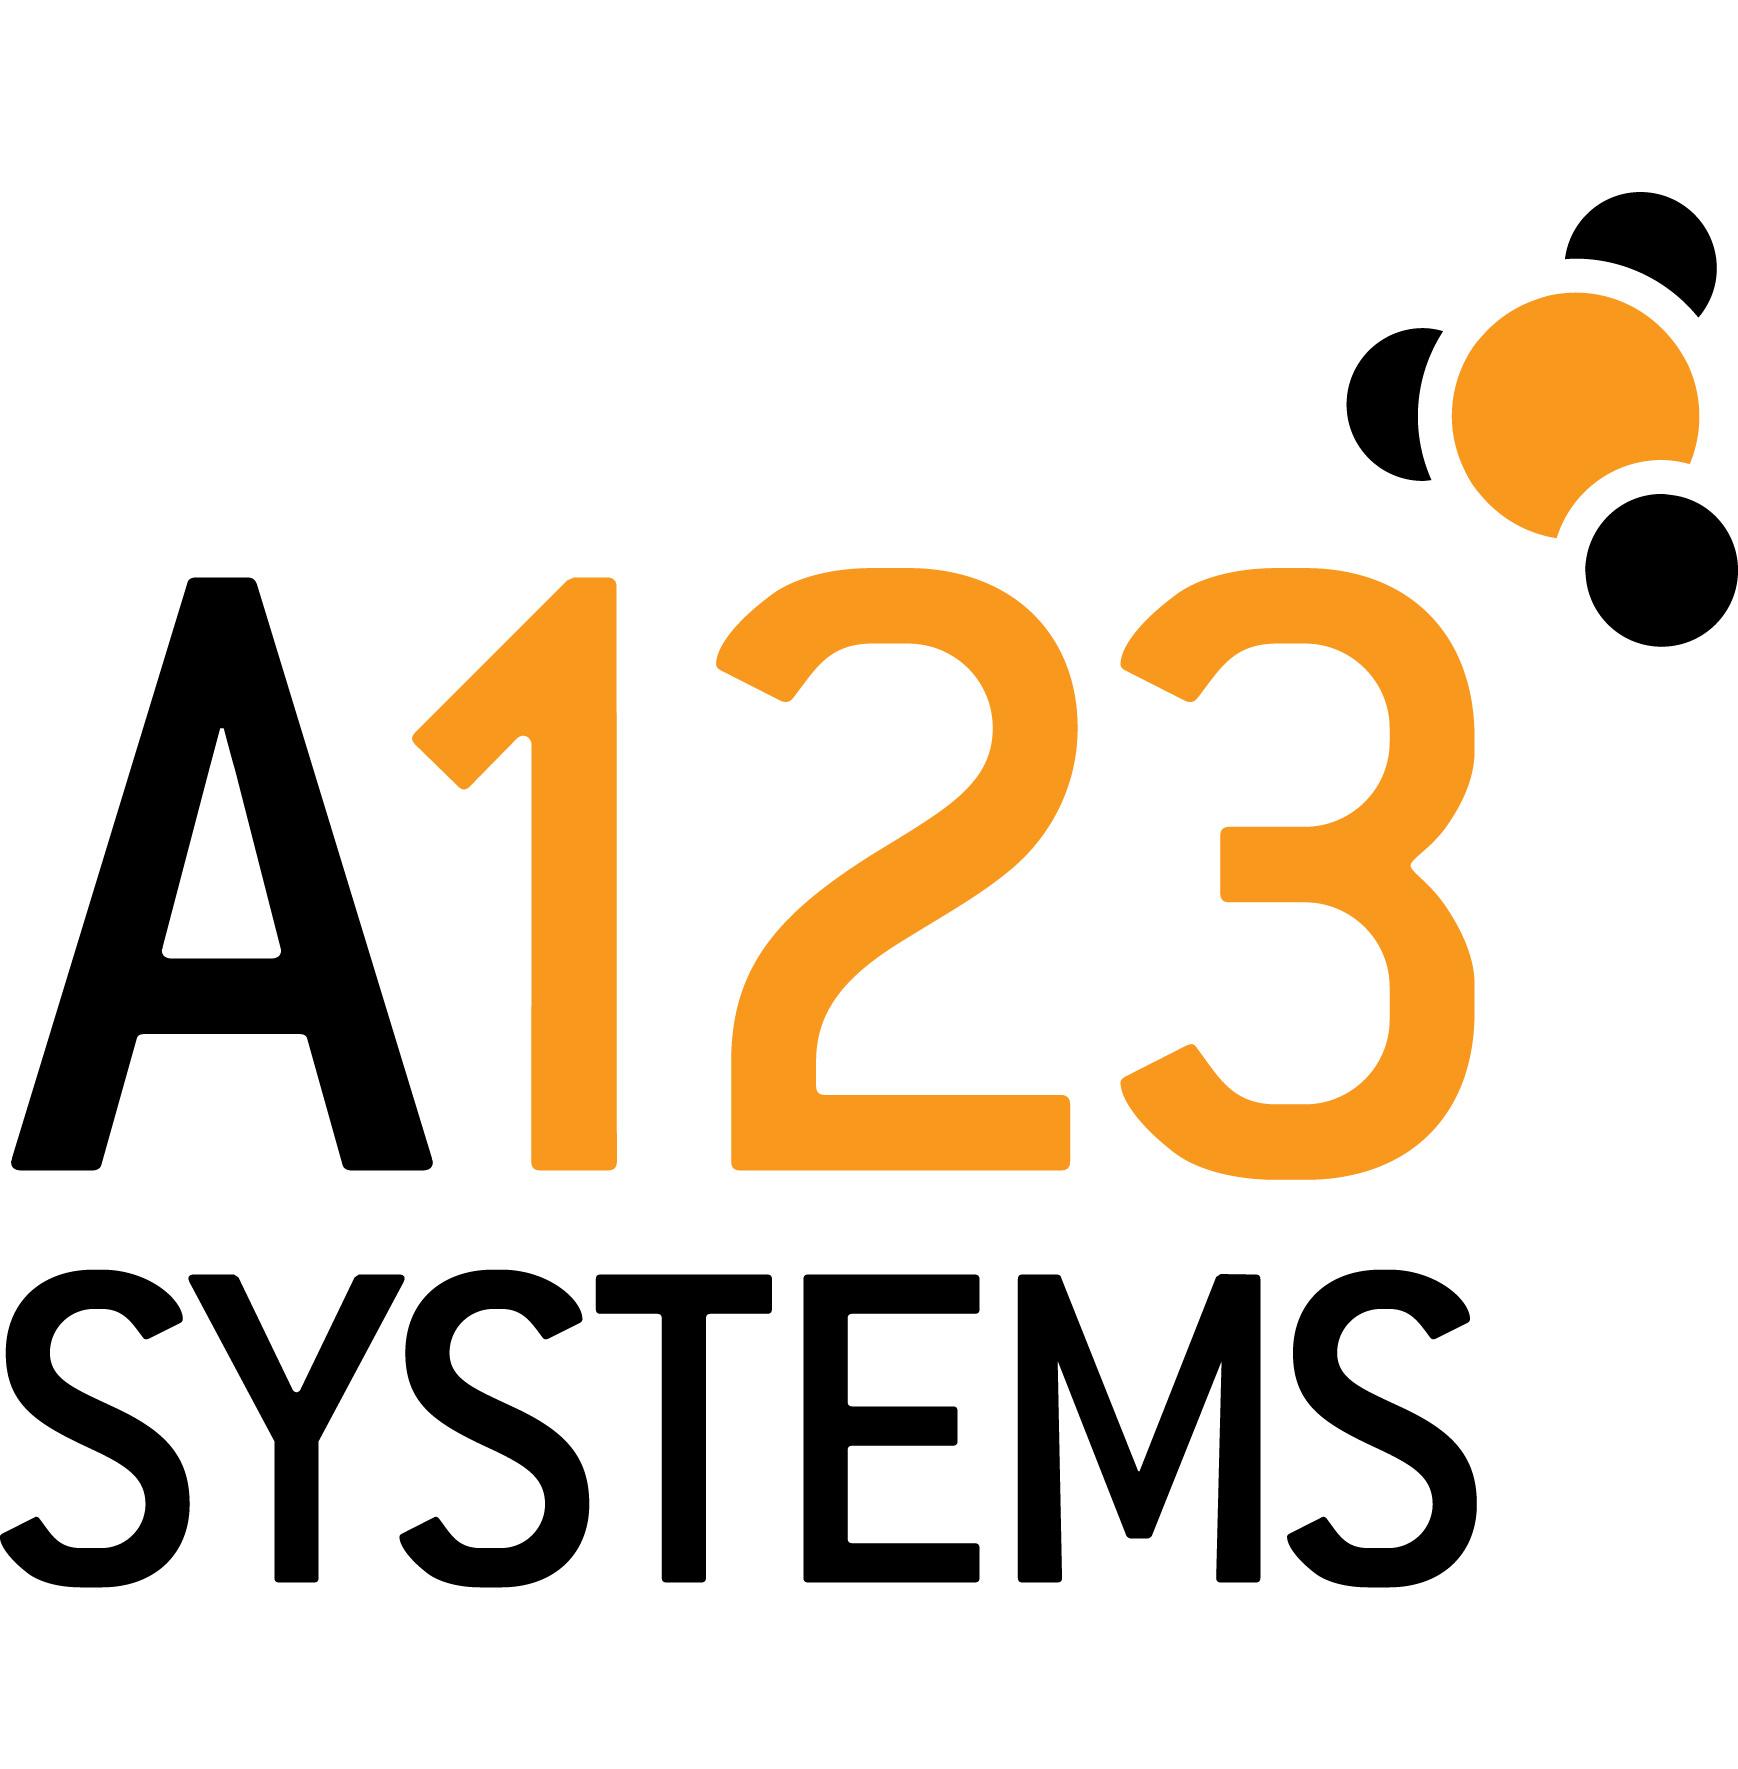 a123-logo-white-bkgd